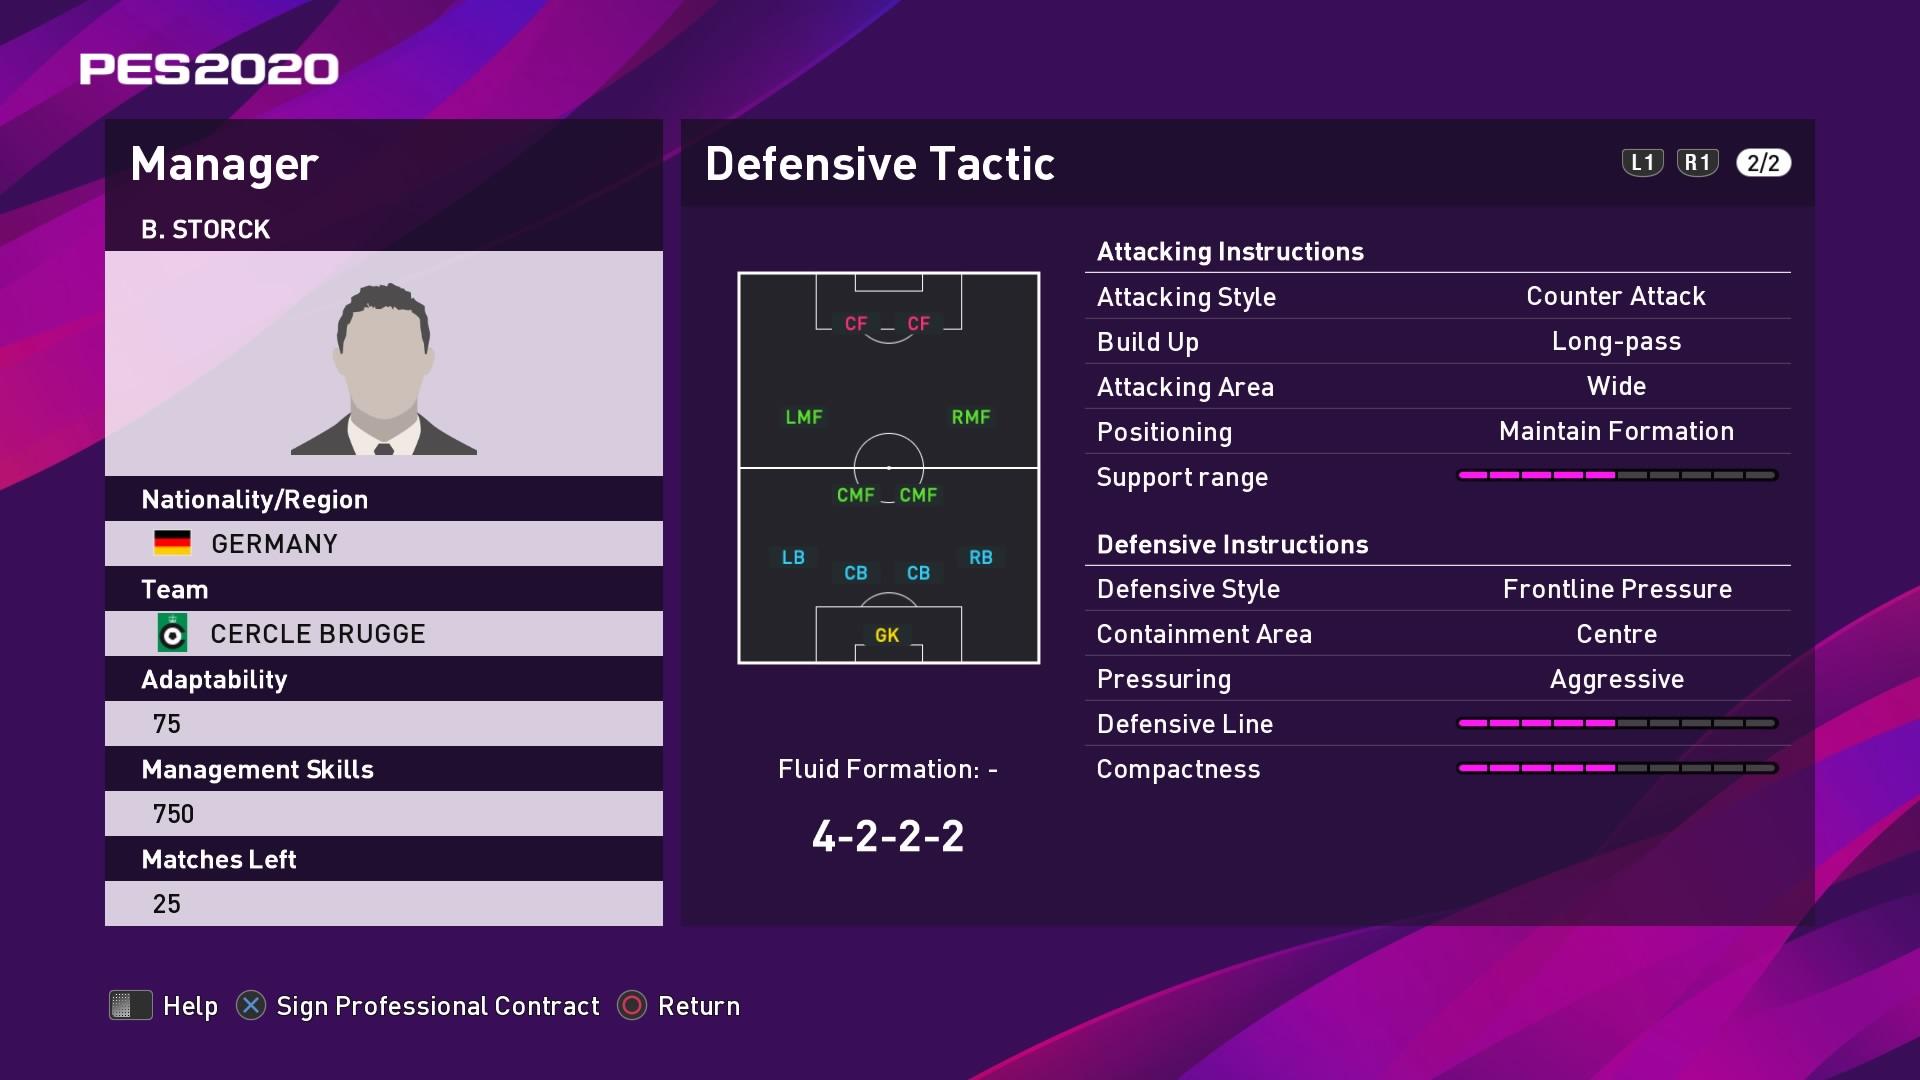 B. Storck (Bernd Storck) Defensive Tactic in PES 2020 myClub